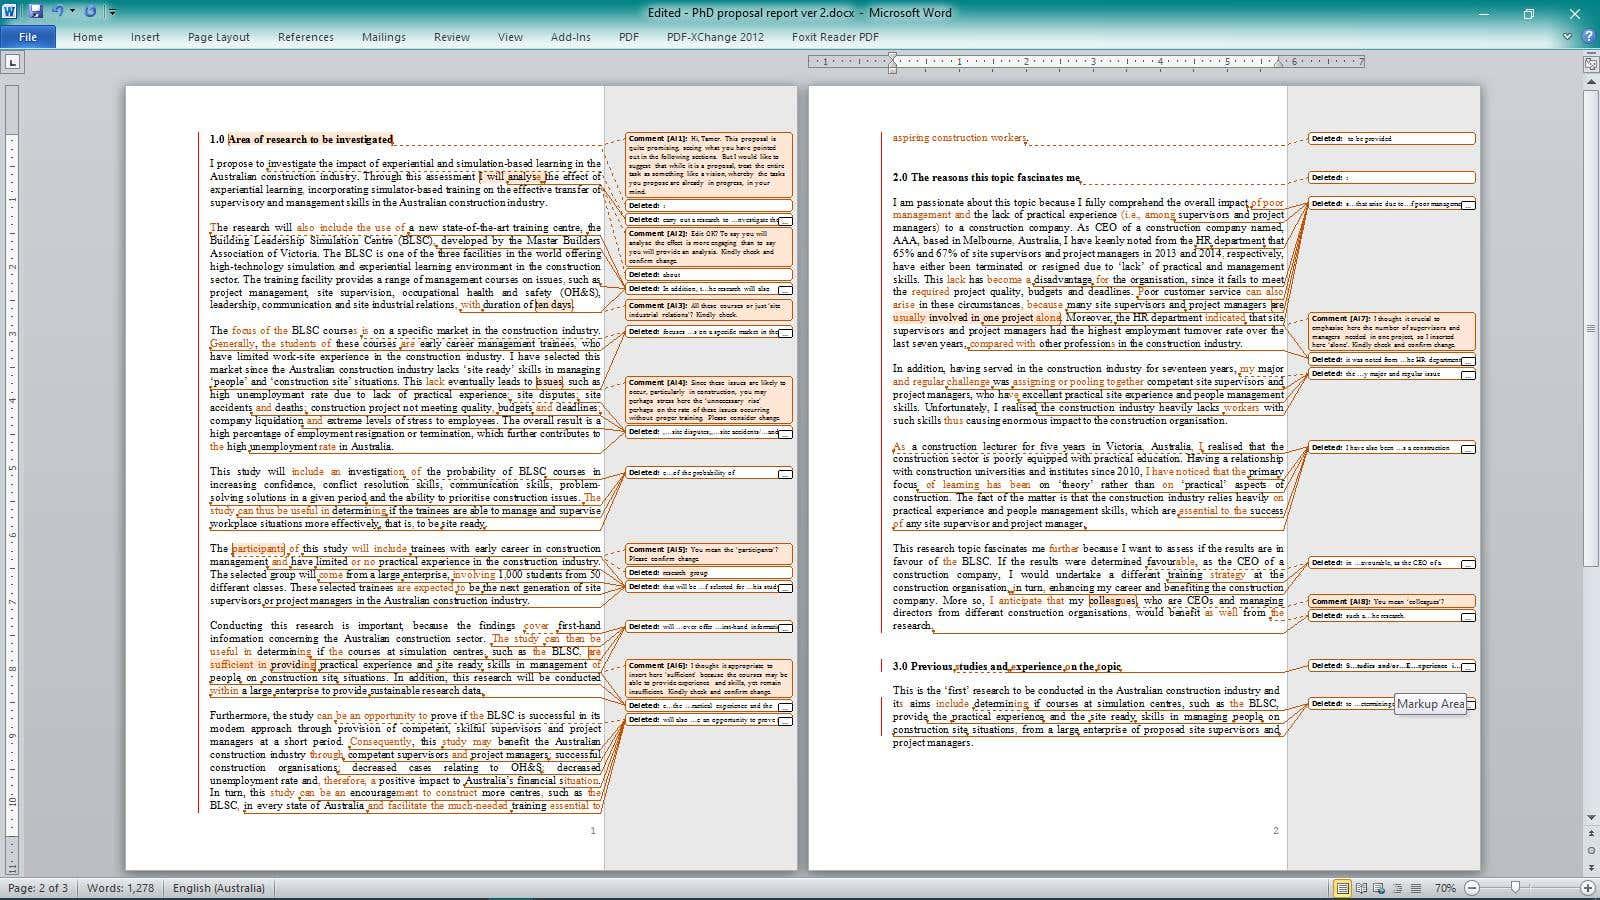 PhD proposal editing